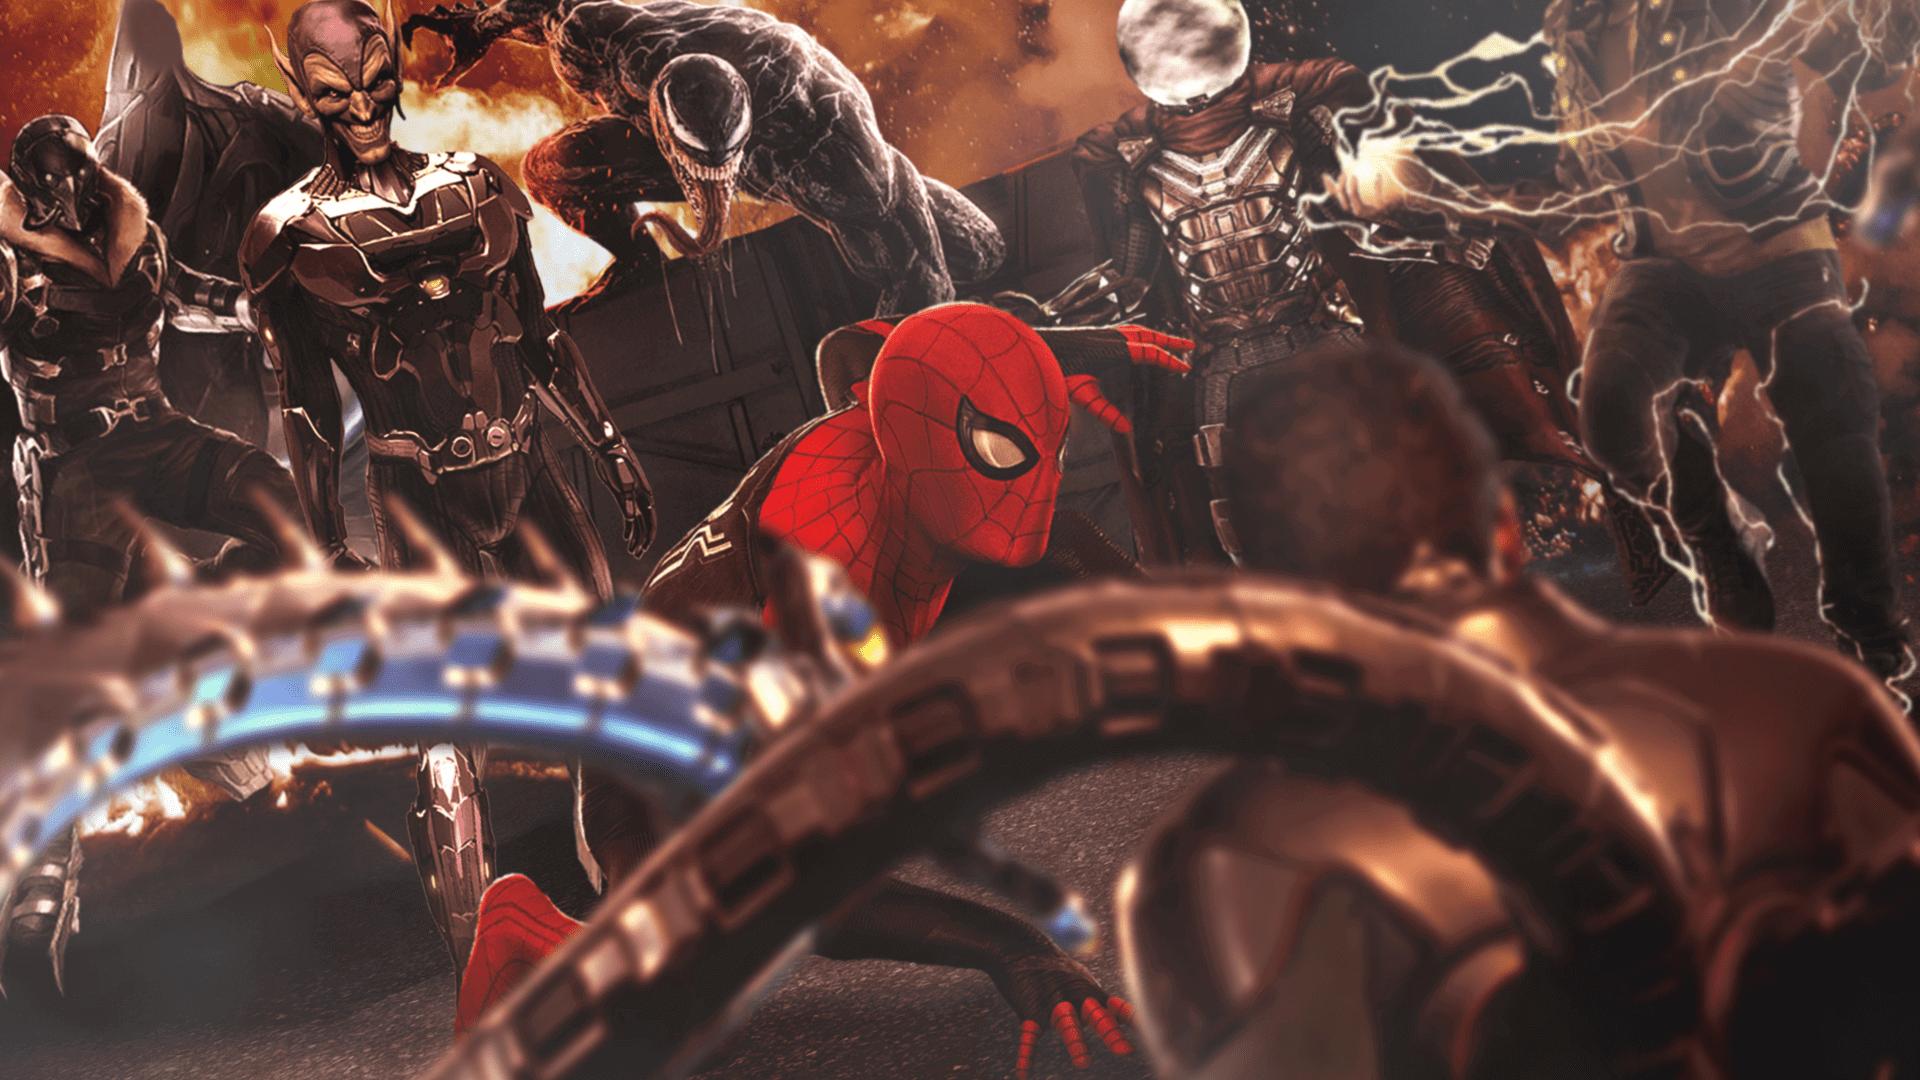 Em Homem-Aranha 3 irá abrir o multiverso no UCM, e existem algumas pistas que apontam a um novo grupo de Super Vilões. Confira!